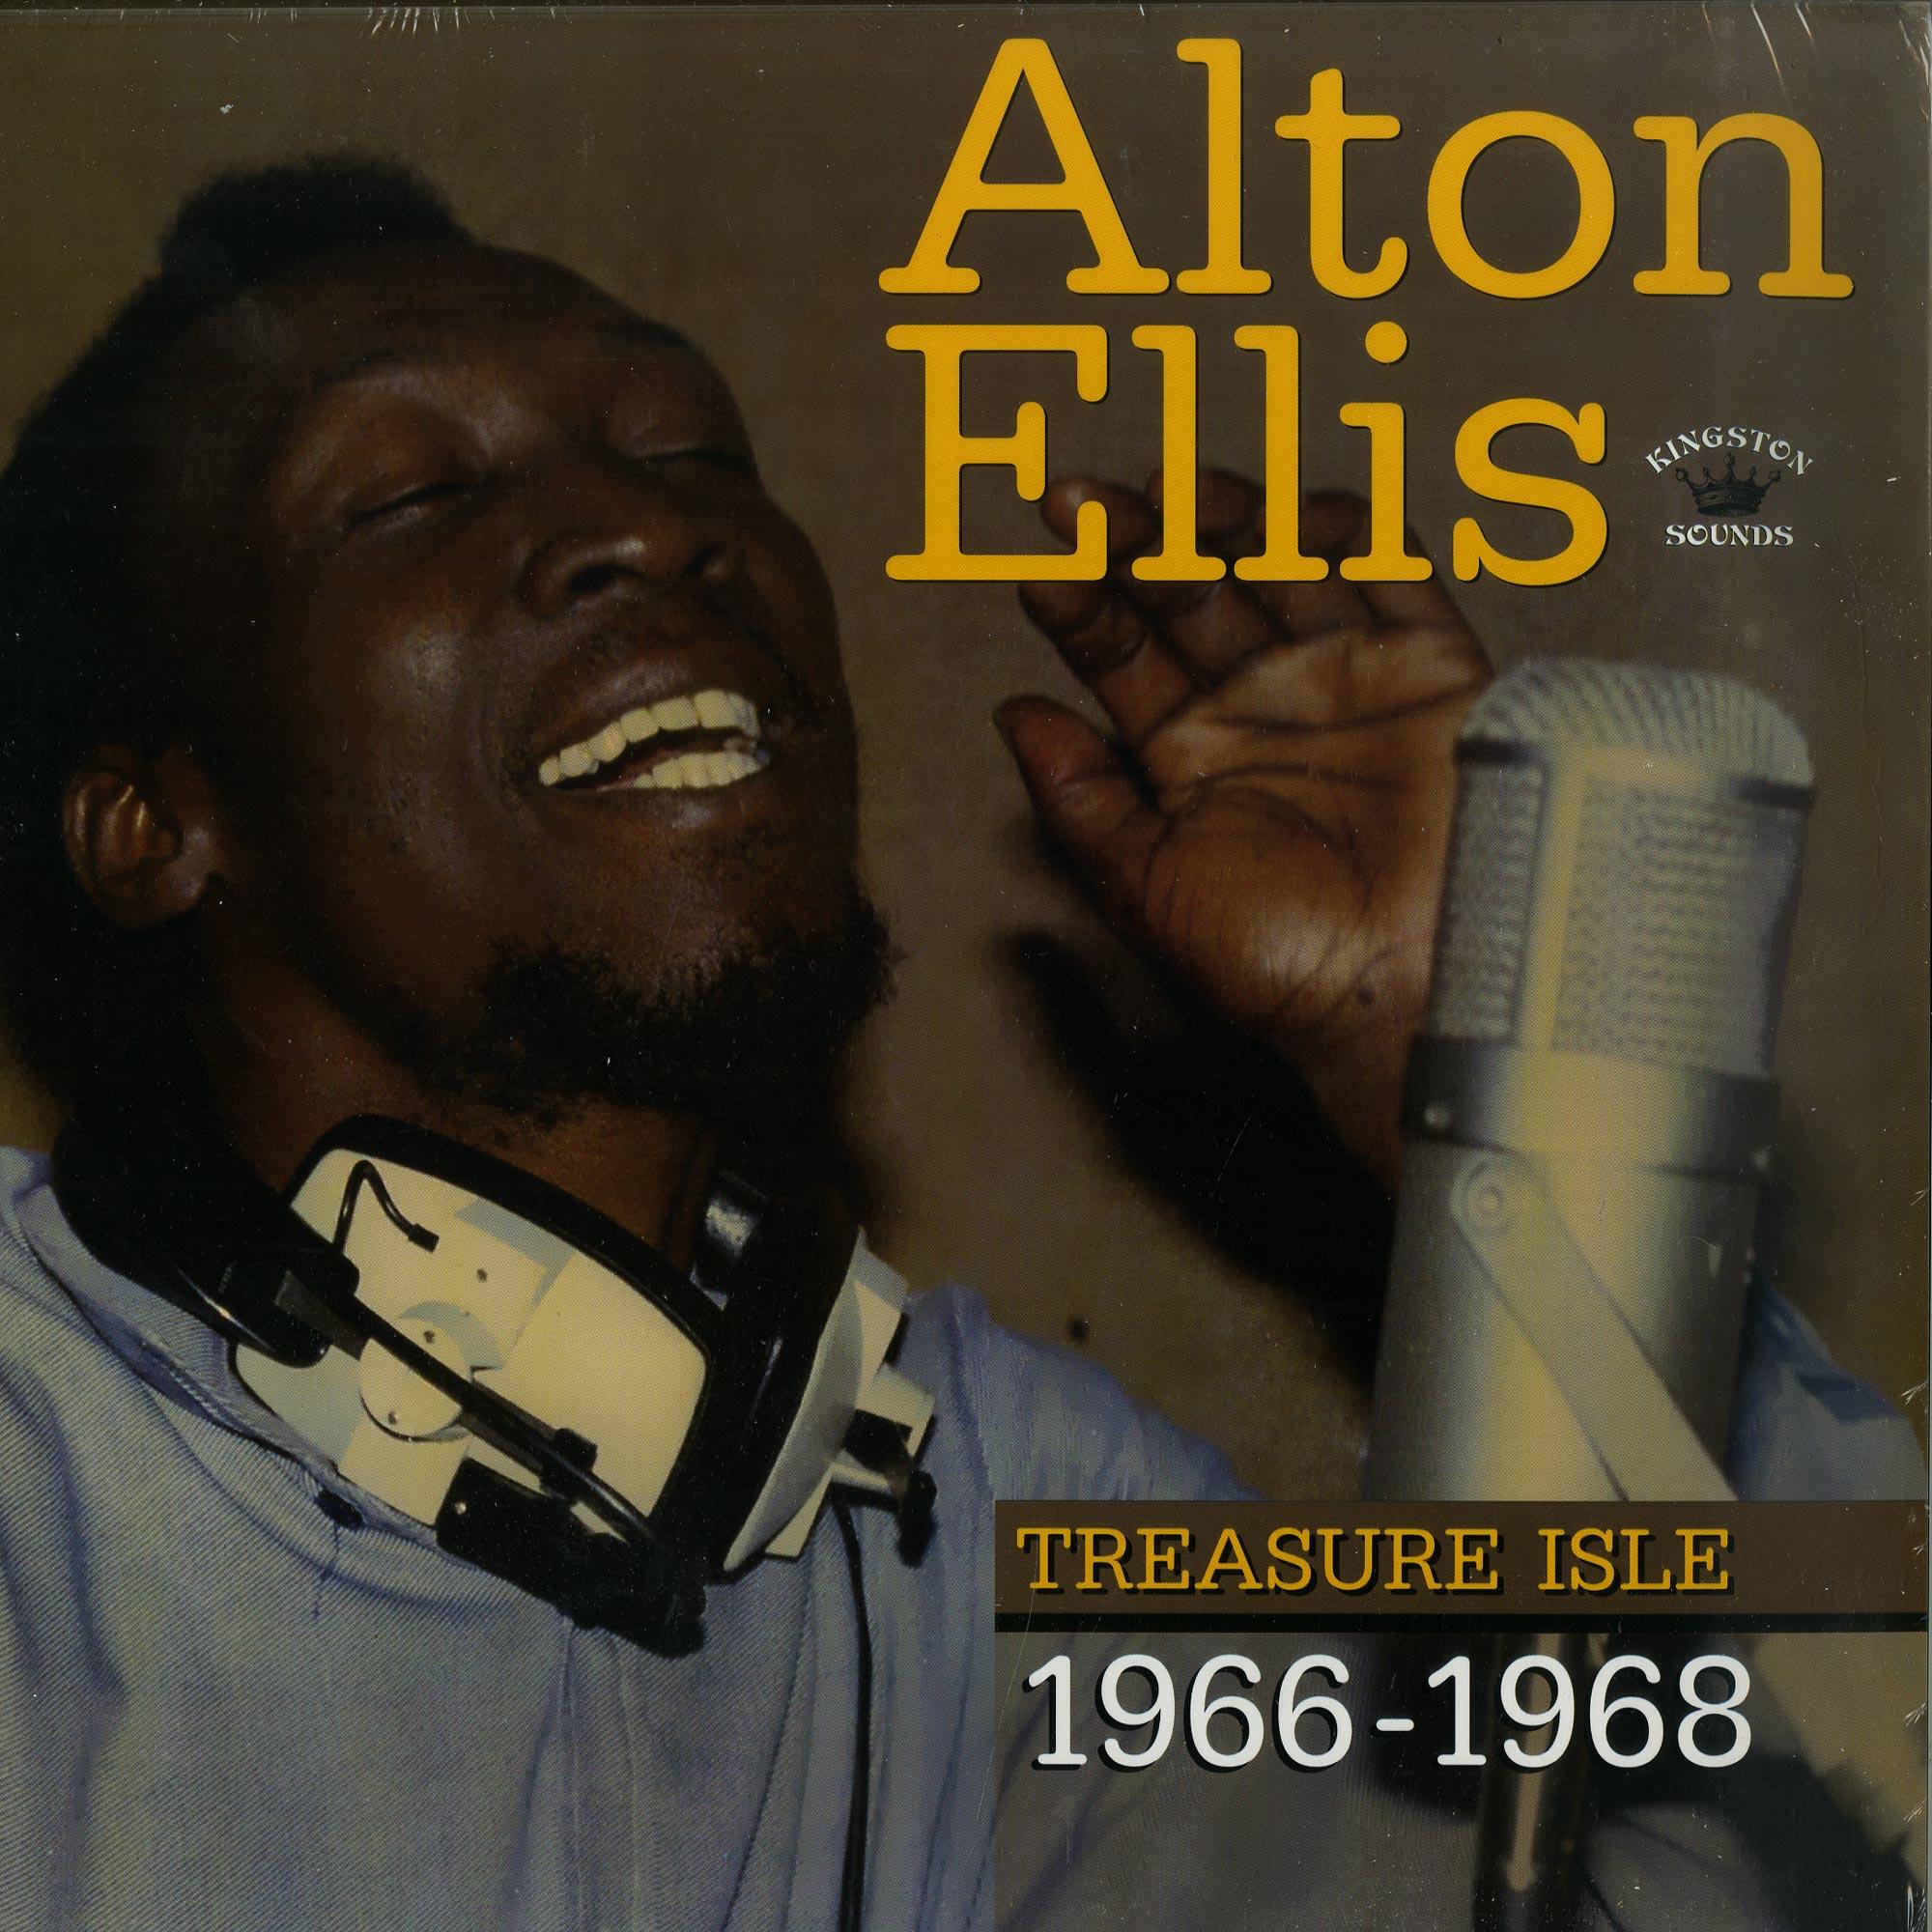 Alton Ellis - TREASURE ISLE 1966-1968